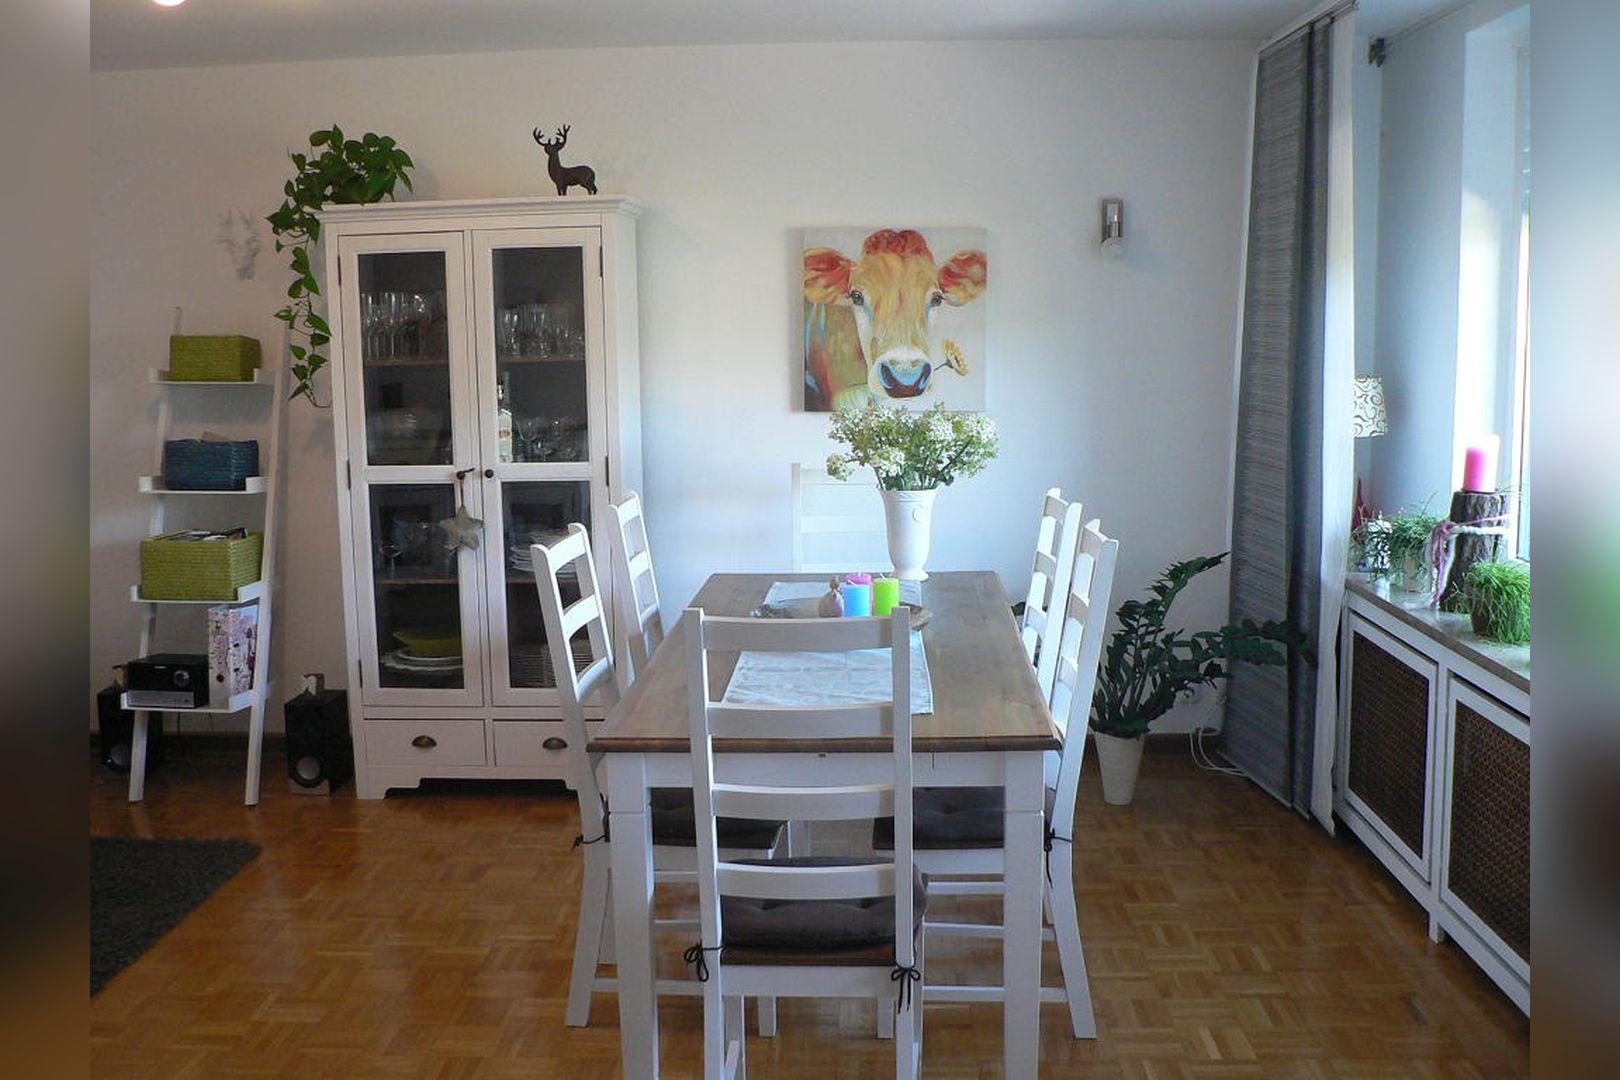 Immobilie Nr.0232 | Berliner Straße 28, 40668 Meerbusch - Lank